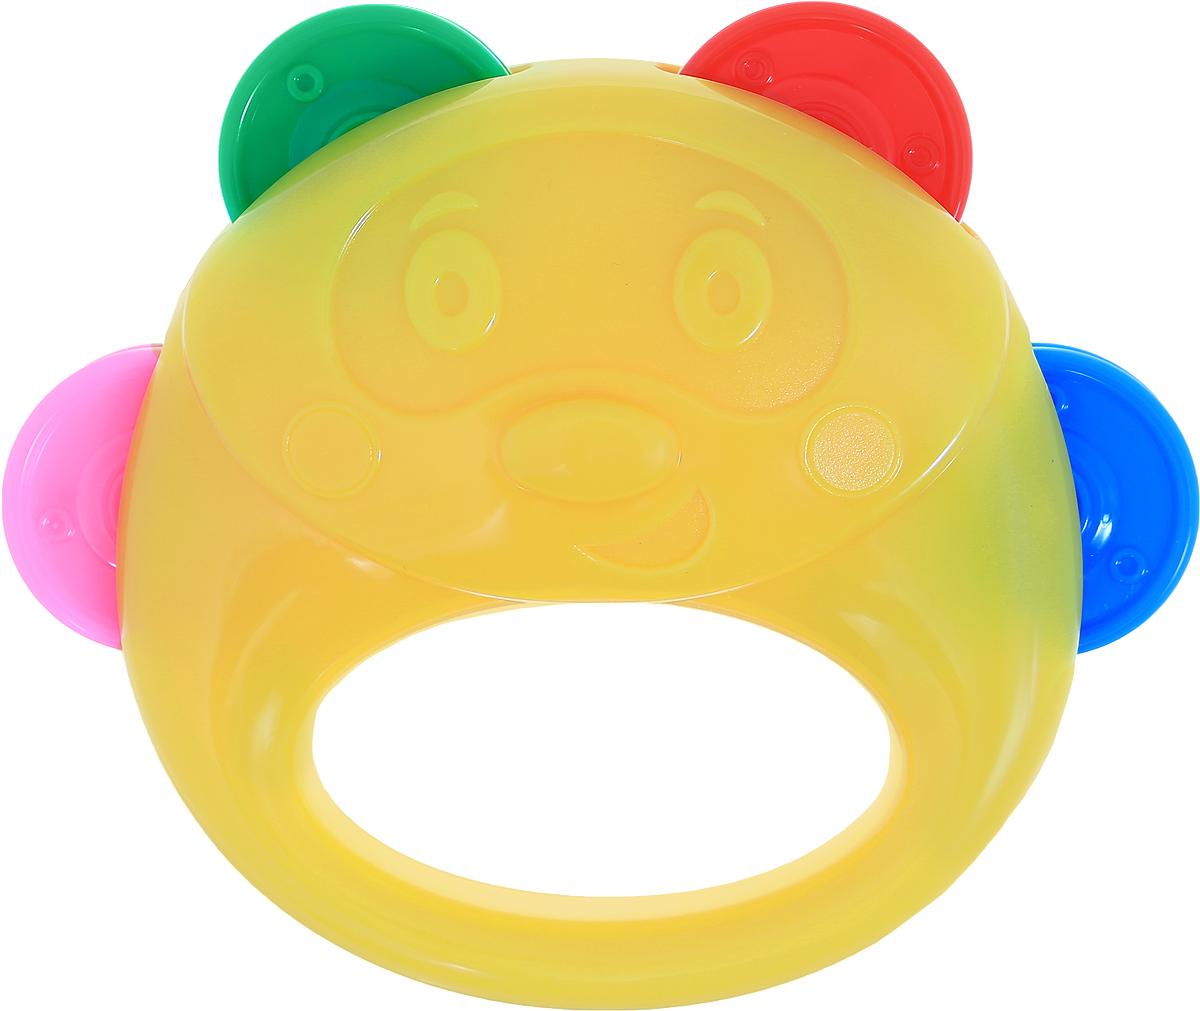 Stellar Бубен цвет желтый оранжевый1914_желтый, оранжевыйБубен Stellar - это один из самых первых инструментов, который идеально подойдет для ребенка. Музыкальный бубен - яркий ударный инструмент, по которому ребенок может ударять ладошкой, а также трясти его в ручке. Бубен выполнен из прочного материала и имеет 4 пары разноцветных дисков, которые при движении издают приятный звук. Бубен в виде симпатичного медвежонка поможет ребенку развить слух и чувство ритма. Мальчики и девочки смогут аккомпанировать себе во время пения или отбивать ритм, исполняя искрометный танец.